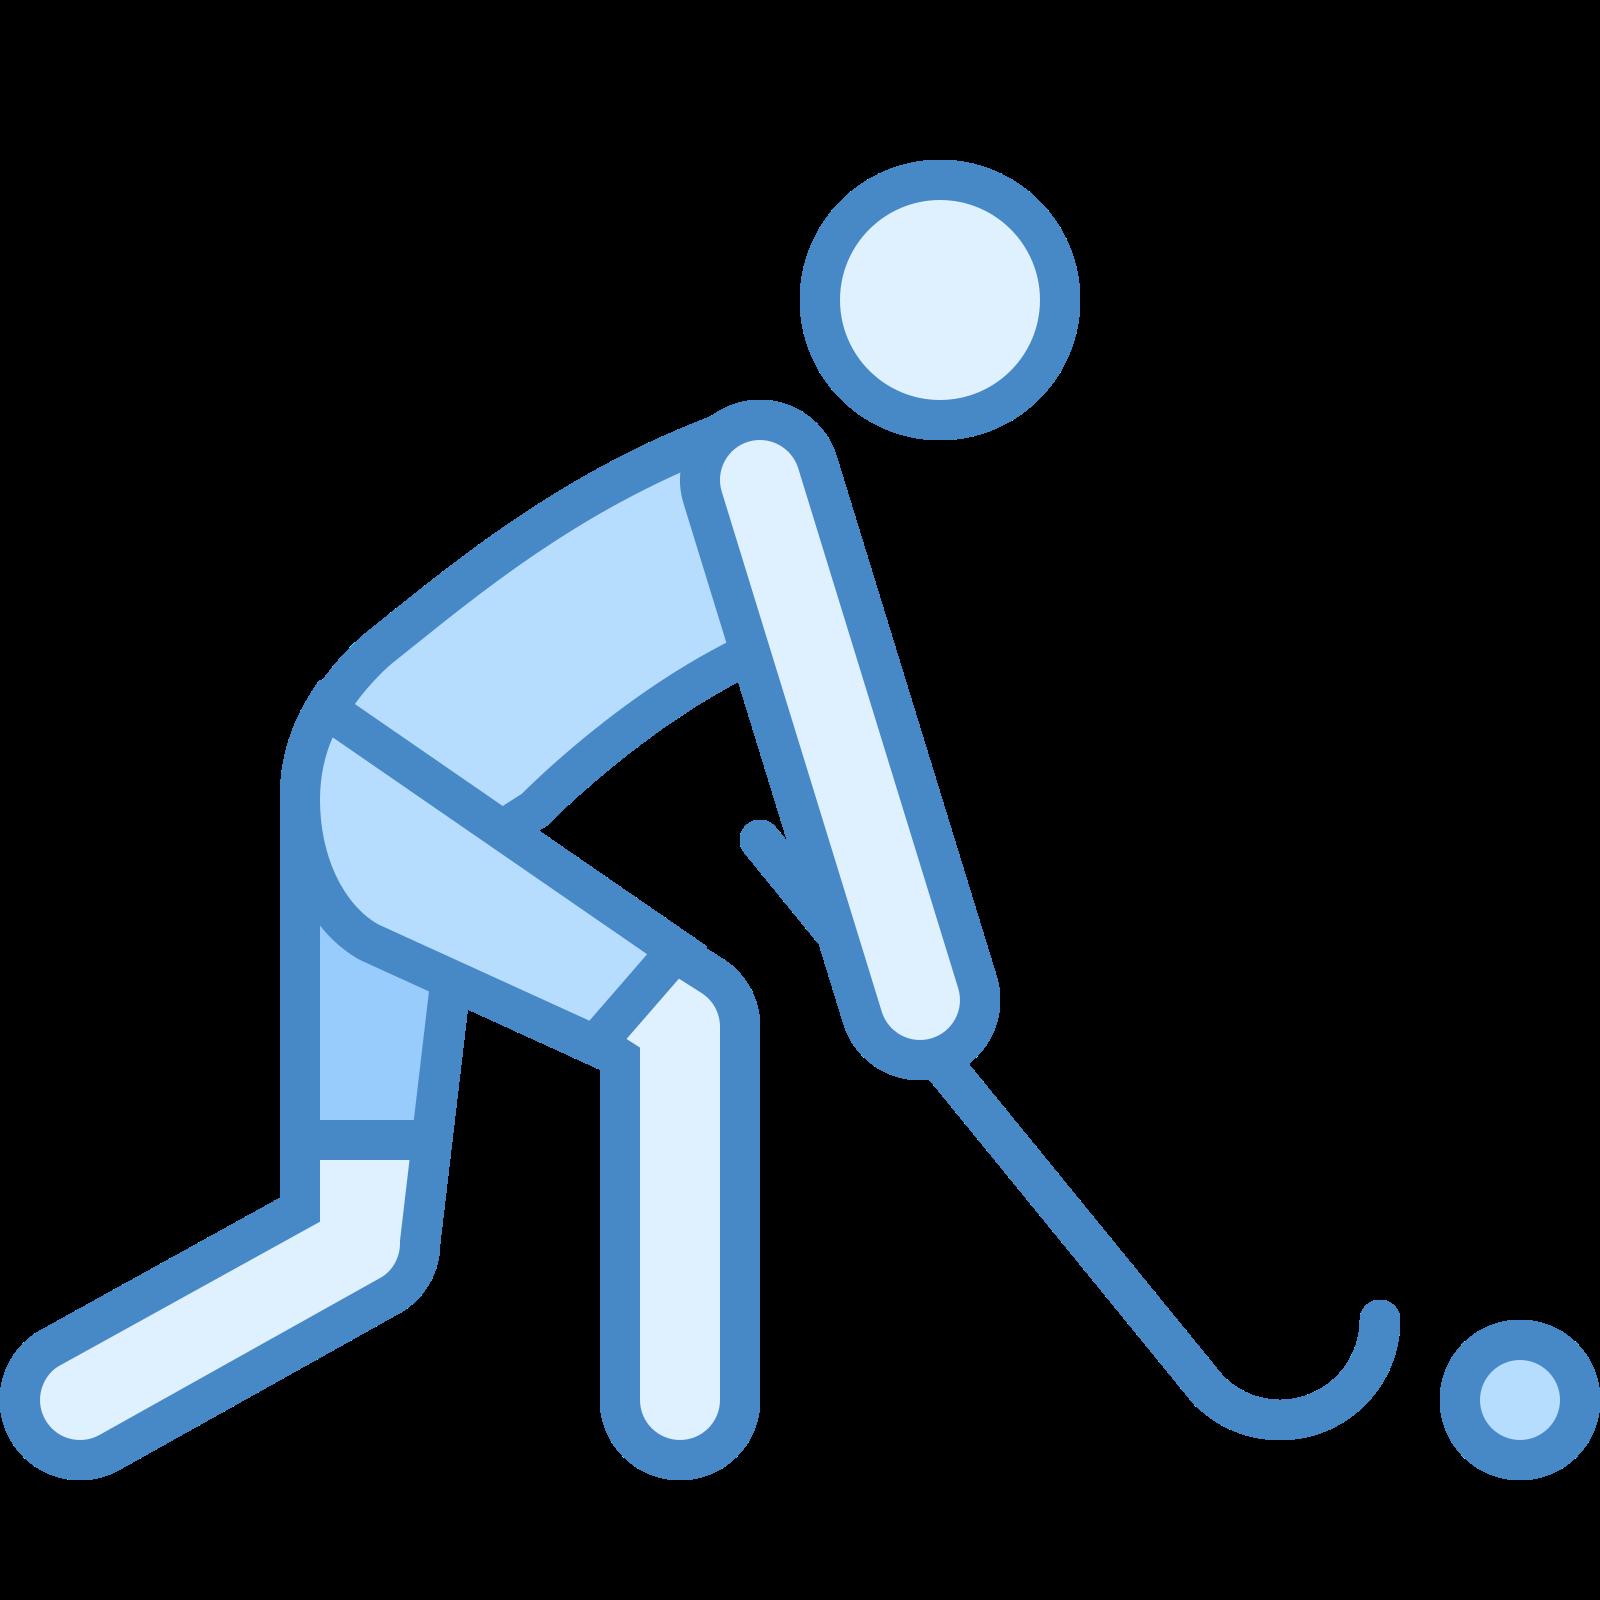 Hockey 2 icon